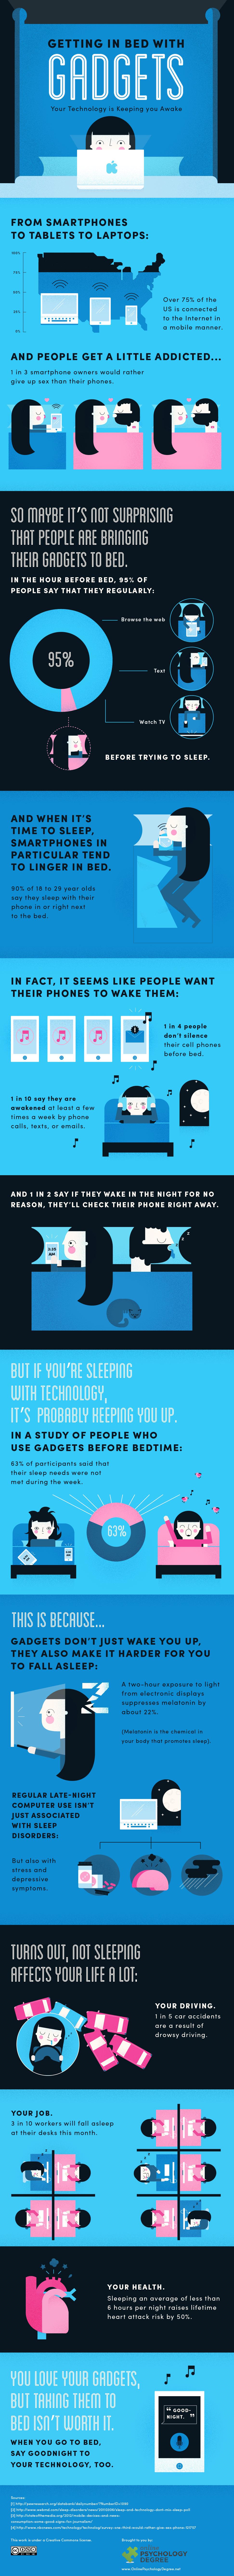 infografia los gadgets te roban horas de suenio - blog hostalia hosting